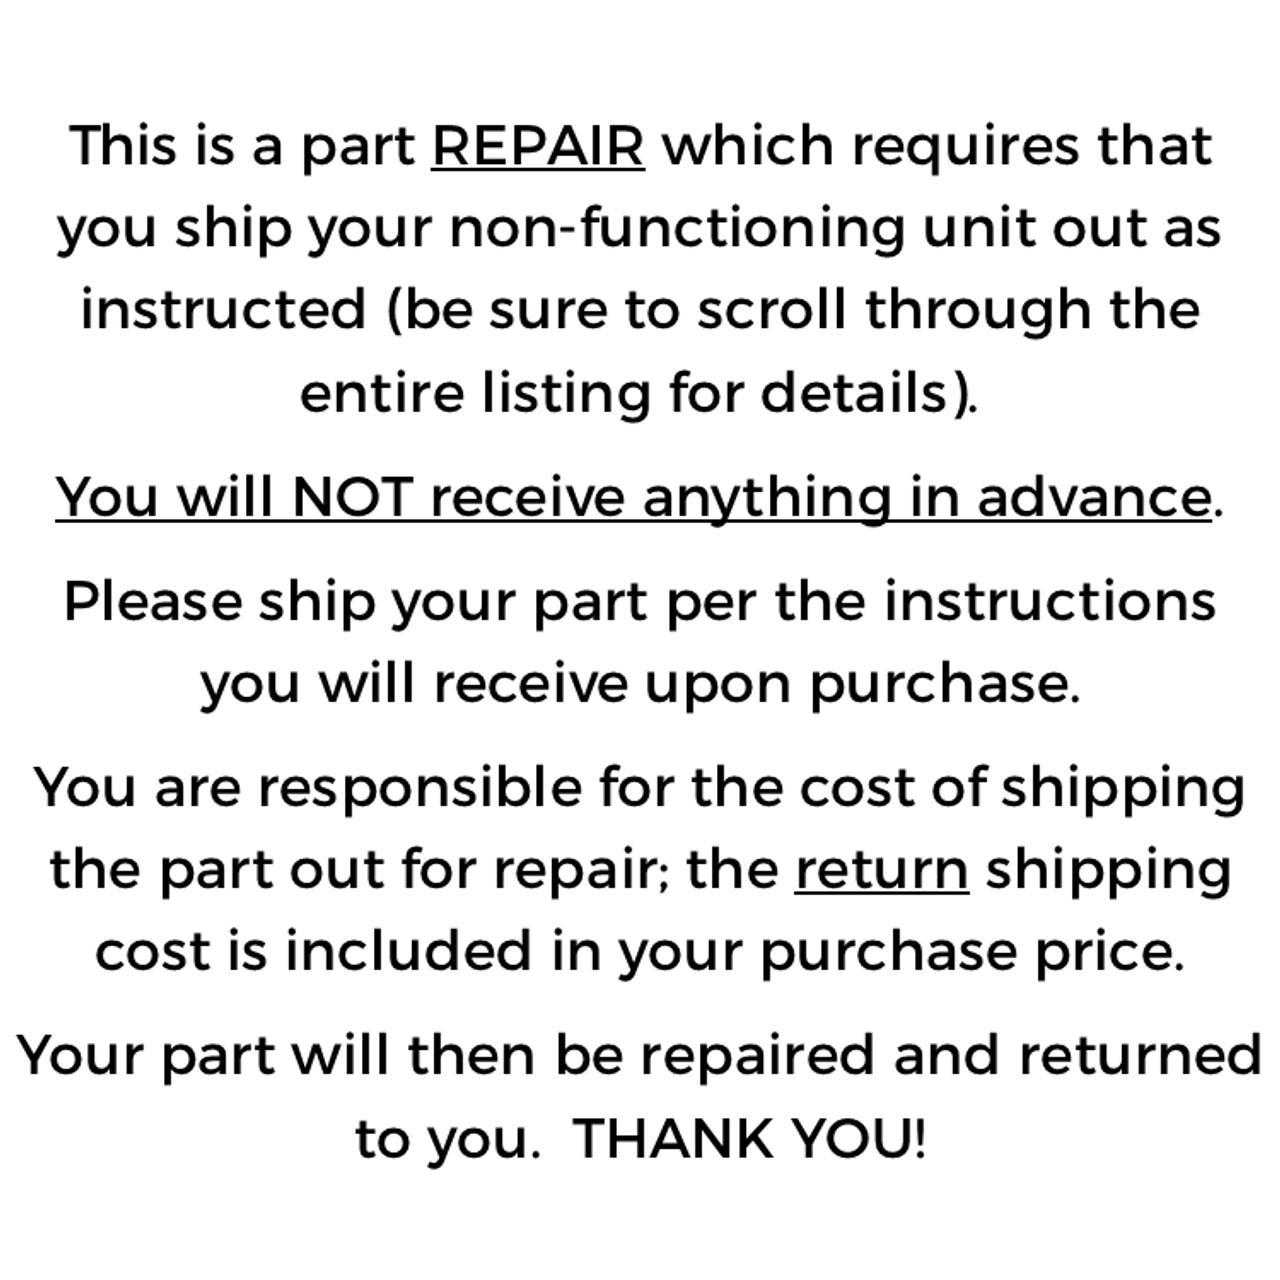 Leviton Colortran ENR 2.4kw Dual Dimmer Module Model 166-362, repair